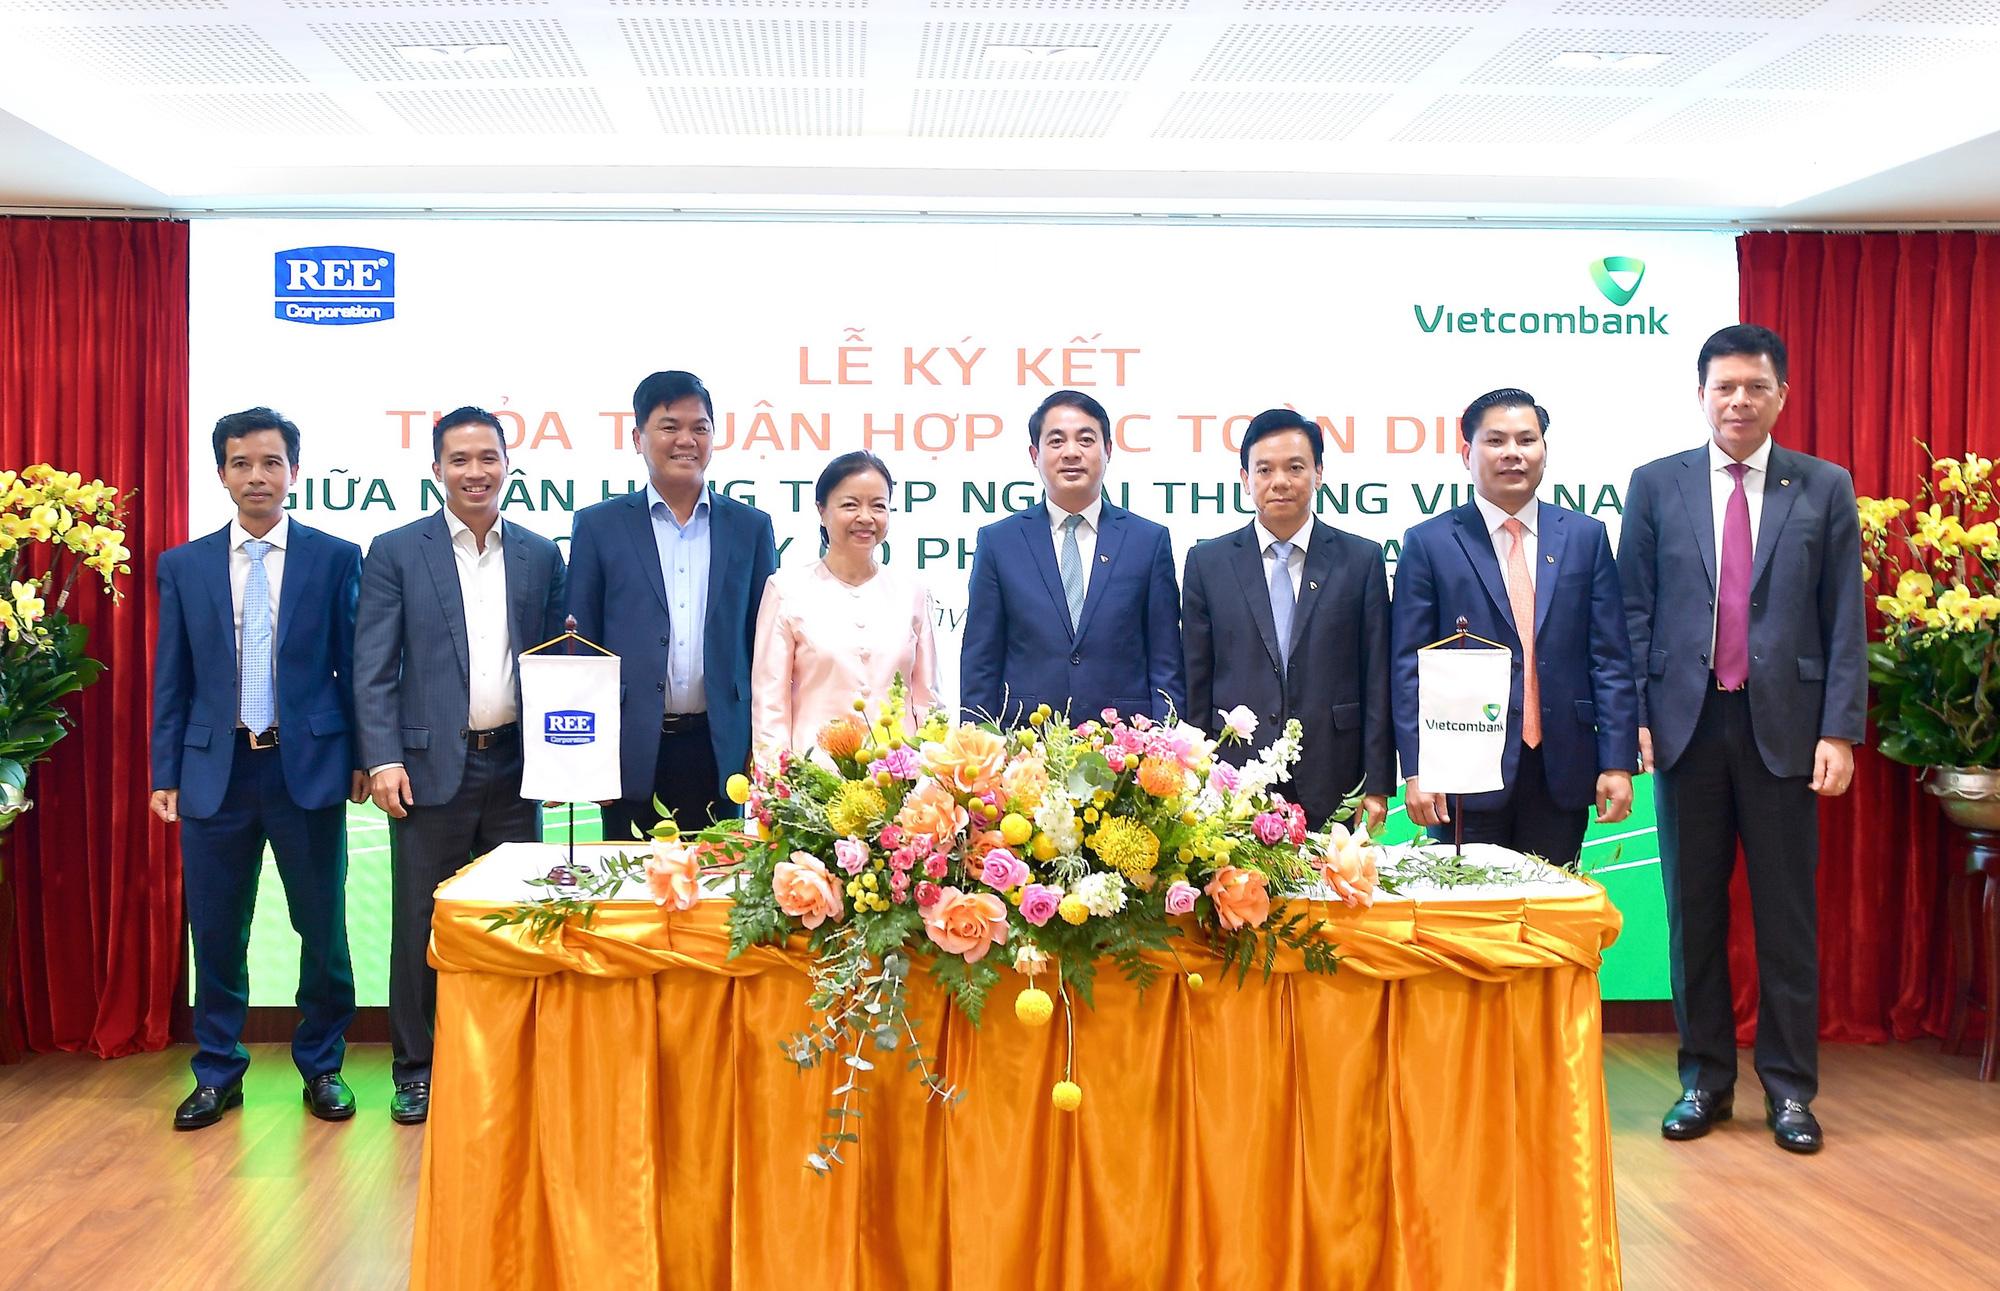 Vietcombank và REE Corporation ký kết Thoả thuận Hợp tác toàn diện - Ảnh 6.